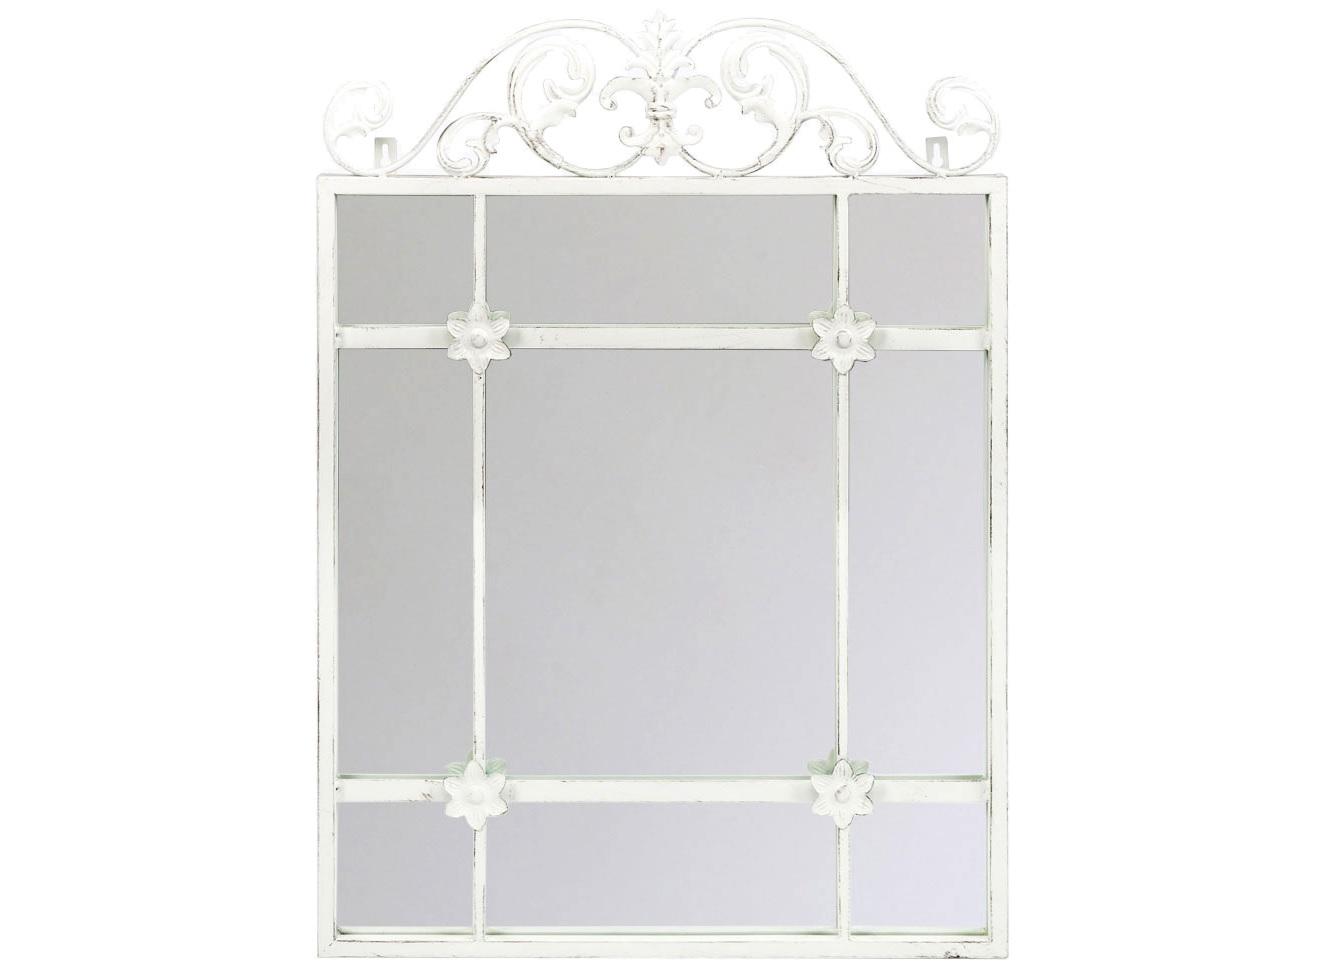 Настенное зеркало РавельНастенные зеркала<br>Зеркало &amp;quot;Равель&amp;quot;, построенное контрастом лаконичного прямоугольного корпуса с плетеной роскошью королевских узоров, претендует угодить и рациональным, и романтичным характерам. Объемный внутренний ярус  рамы отражается в зеркале, придавая интерьеру игривую загадочность, объемность и глубину. Эклектичный дизайн, наградивший лаконичный кельтский корпус роскошью дворцовых вензелей, наверняка впишется в палитры классических и авангардных интерьеров.<br><br>Material: Металл<br>Width см: 50<br>Depth см: 4<br>Height см: 70